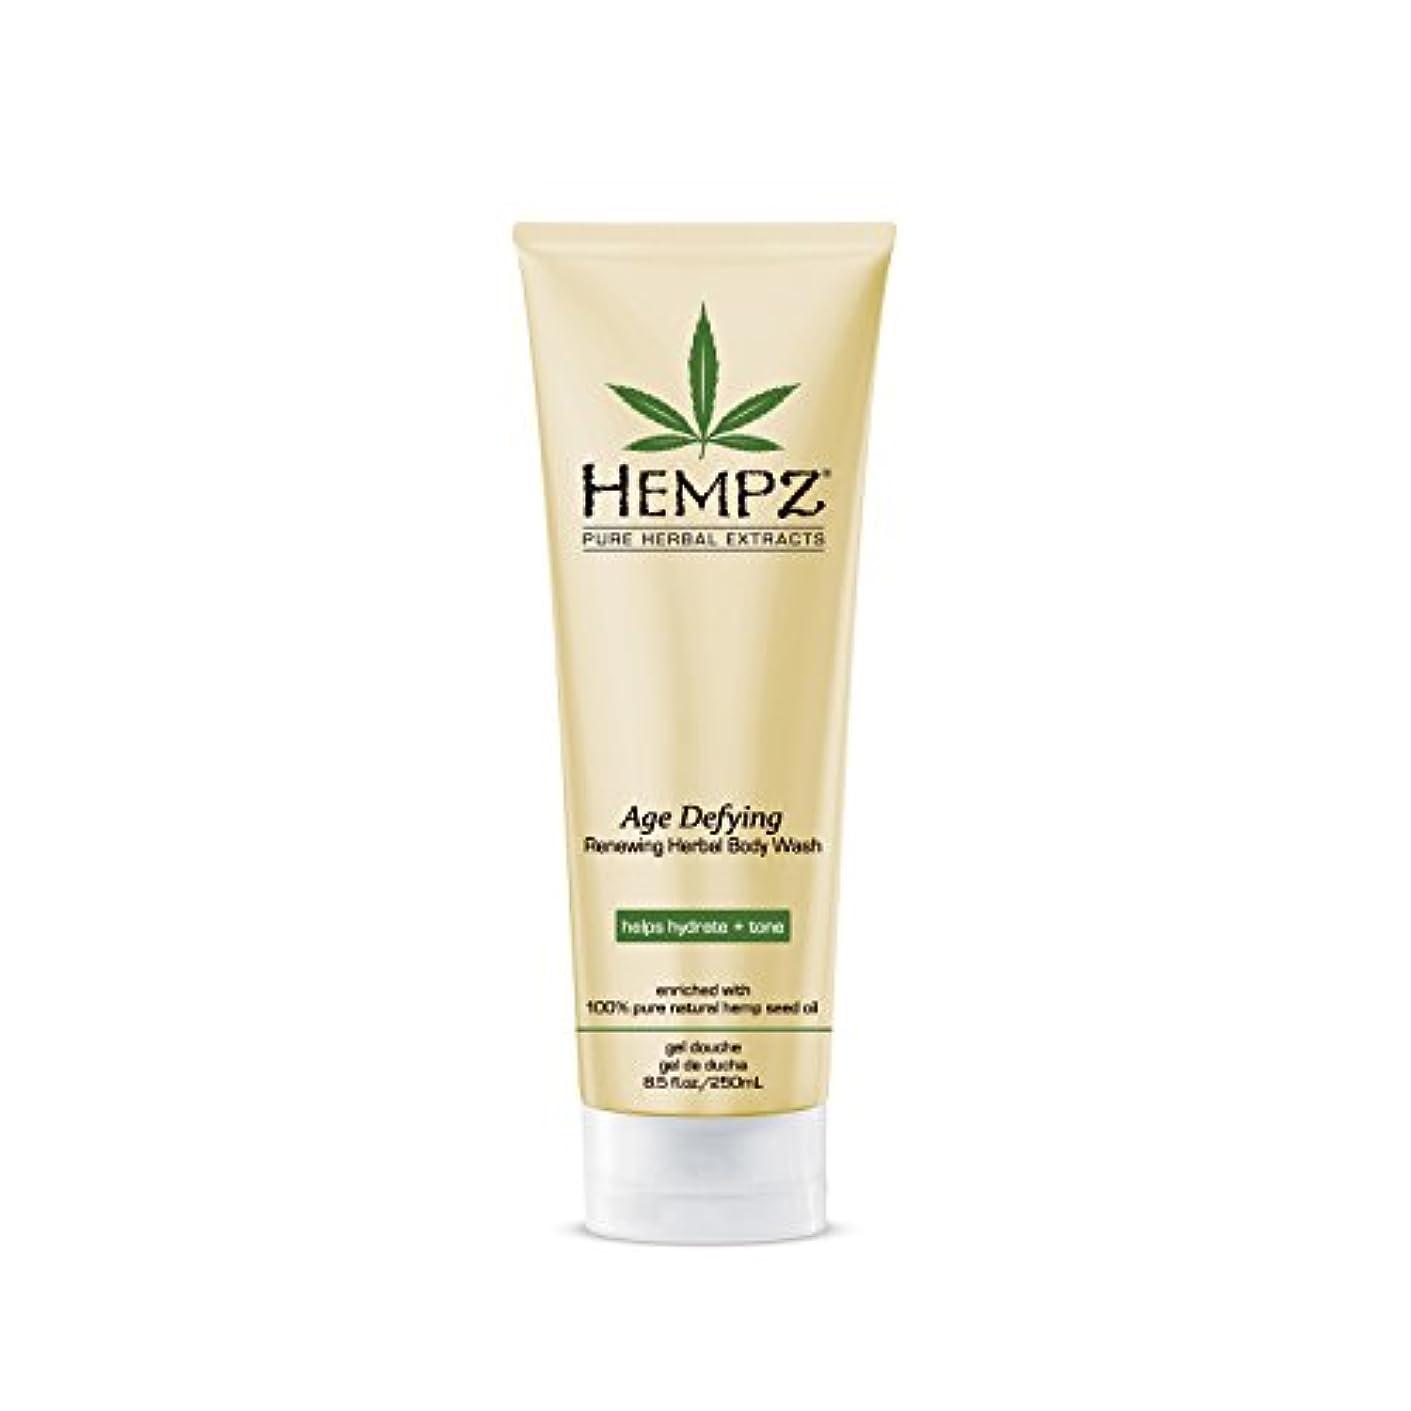 ポスト印象派マニアマーティンルーサーキングジュニアHempz Age Defying Herbal Body Wash, Off White, Vanilla/Musk, 8.5 Fluid Ounce